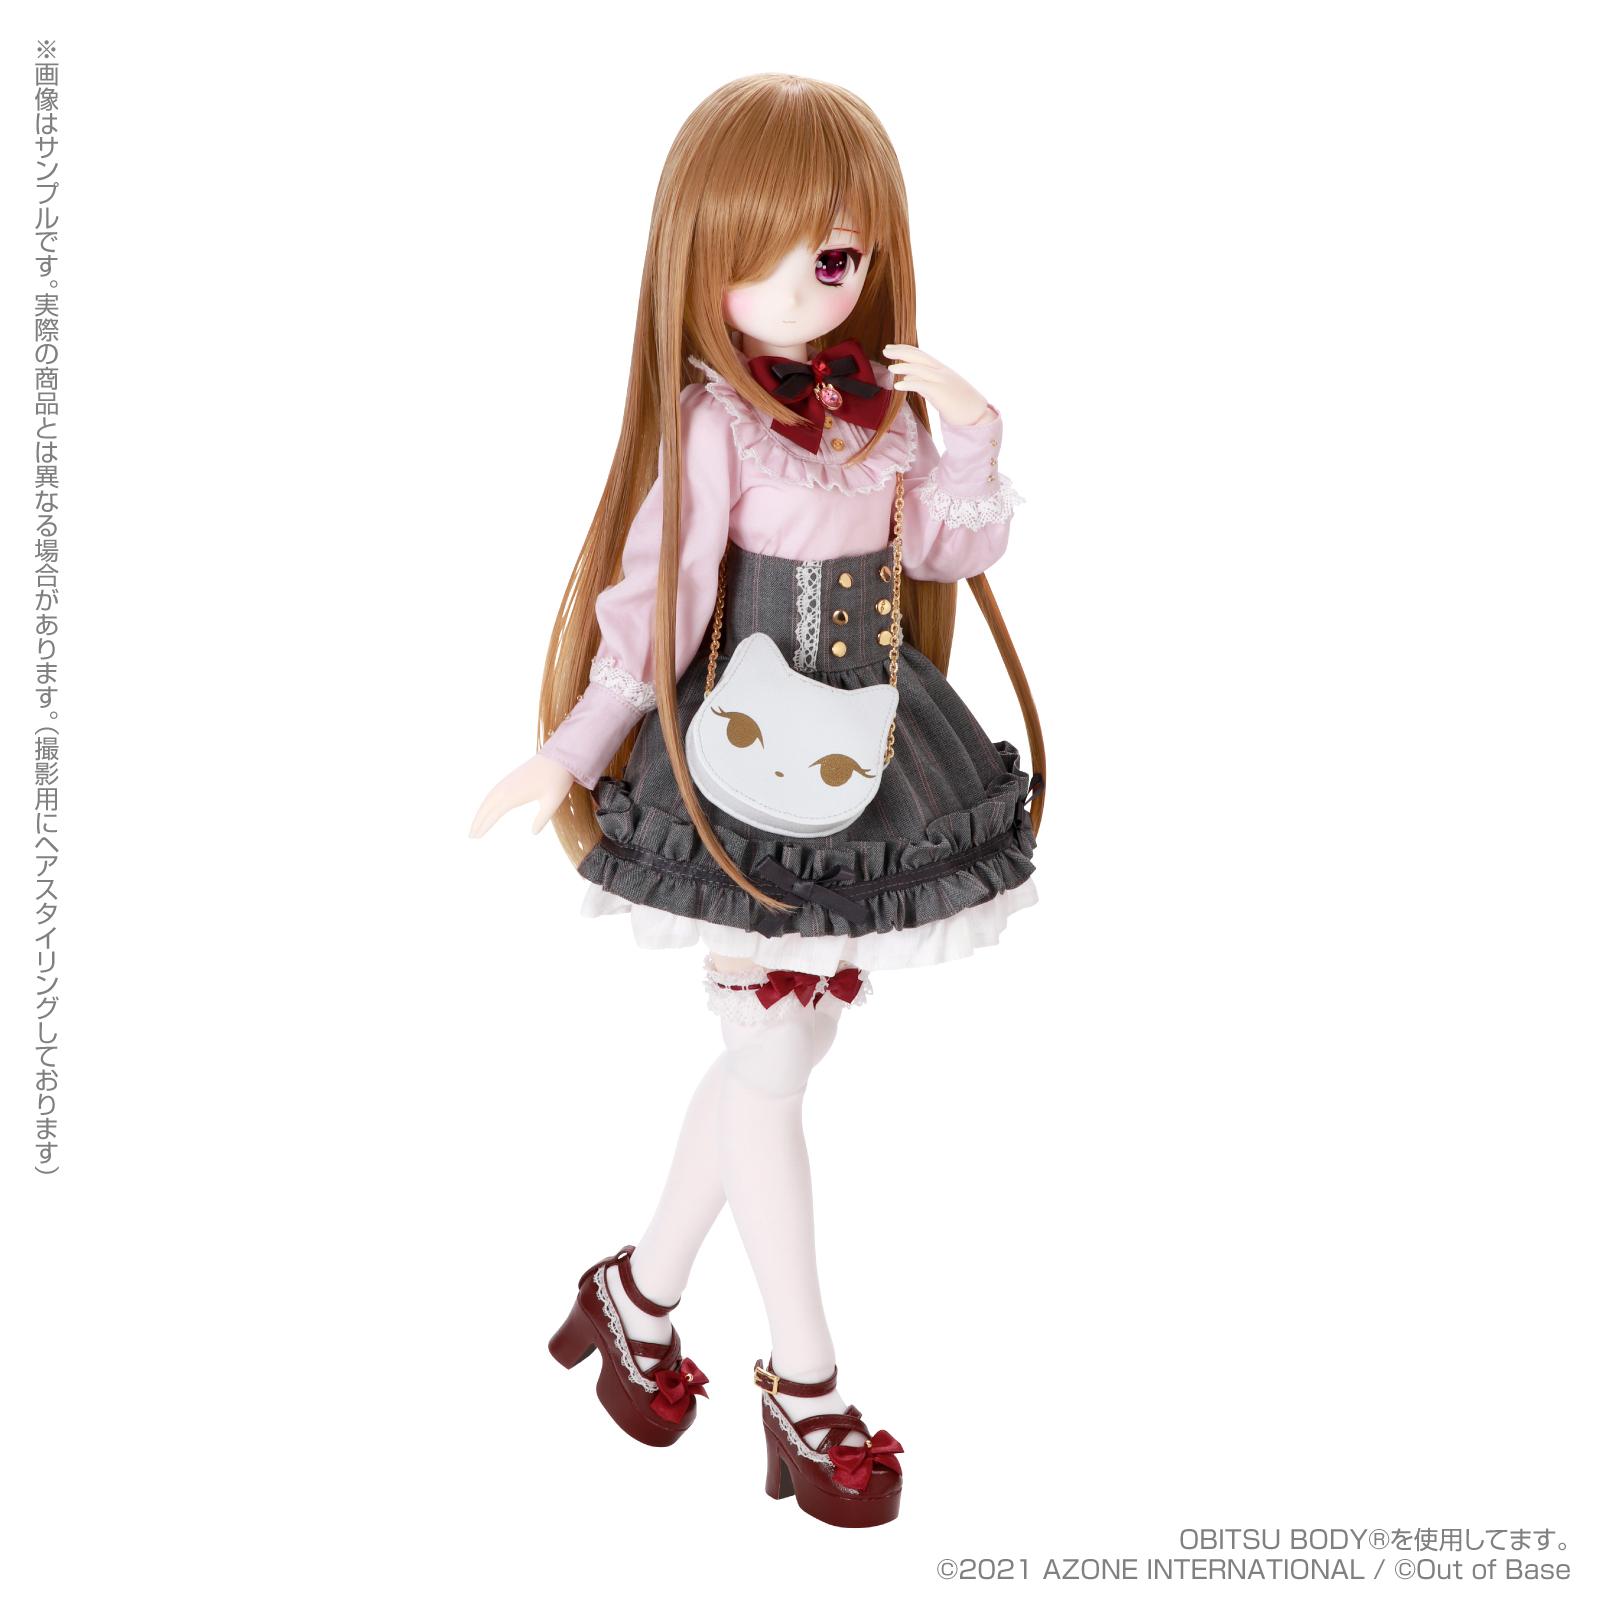 Iris Collect petit『すずね/~Wonder fraulein~Goth×Loli cats(通常販売ver.)』アイリスコレクト プチ 1/3 完成品ドール-017